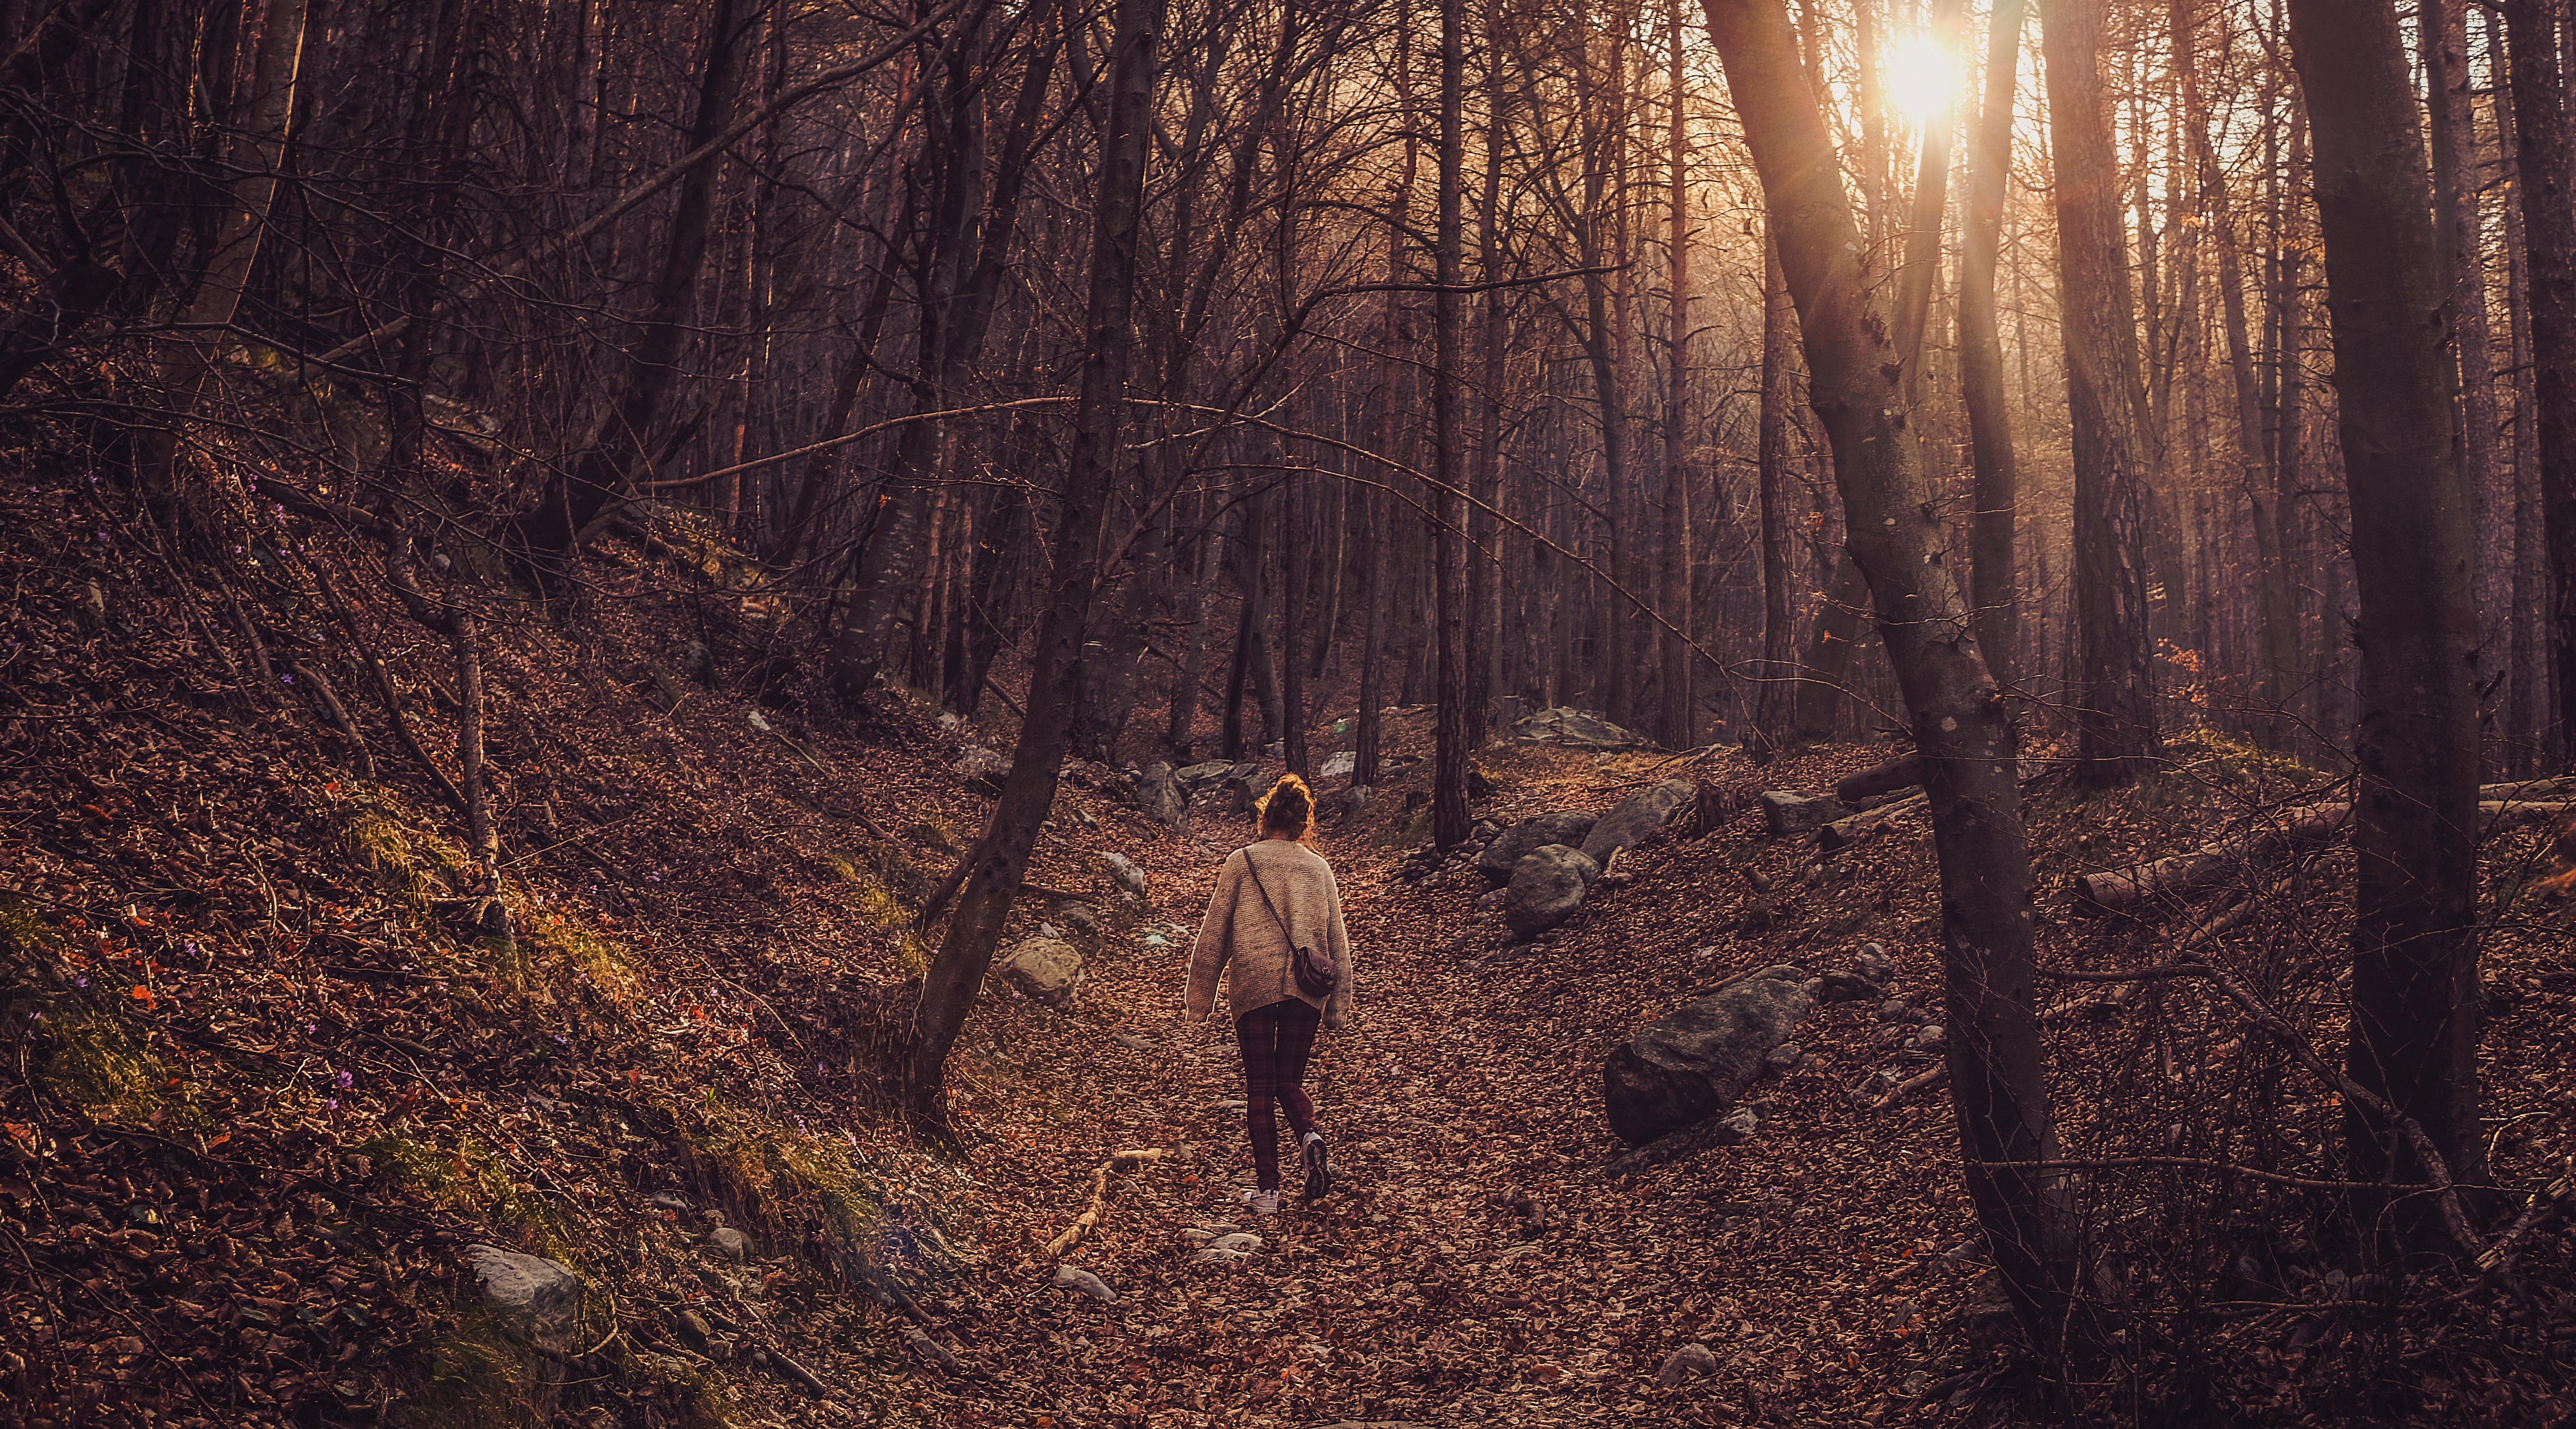 Kostenlose Foto Baum Natur Wald Wildnis Holz Sonnenuntergang